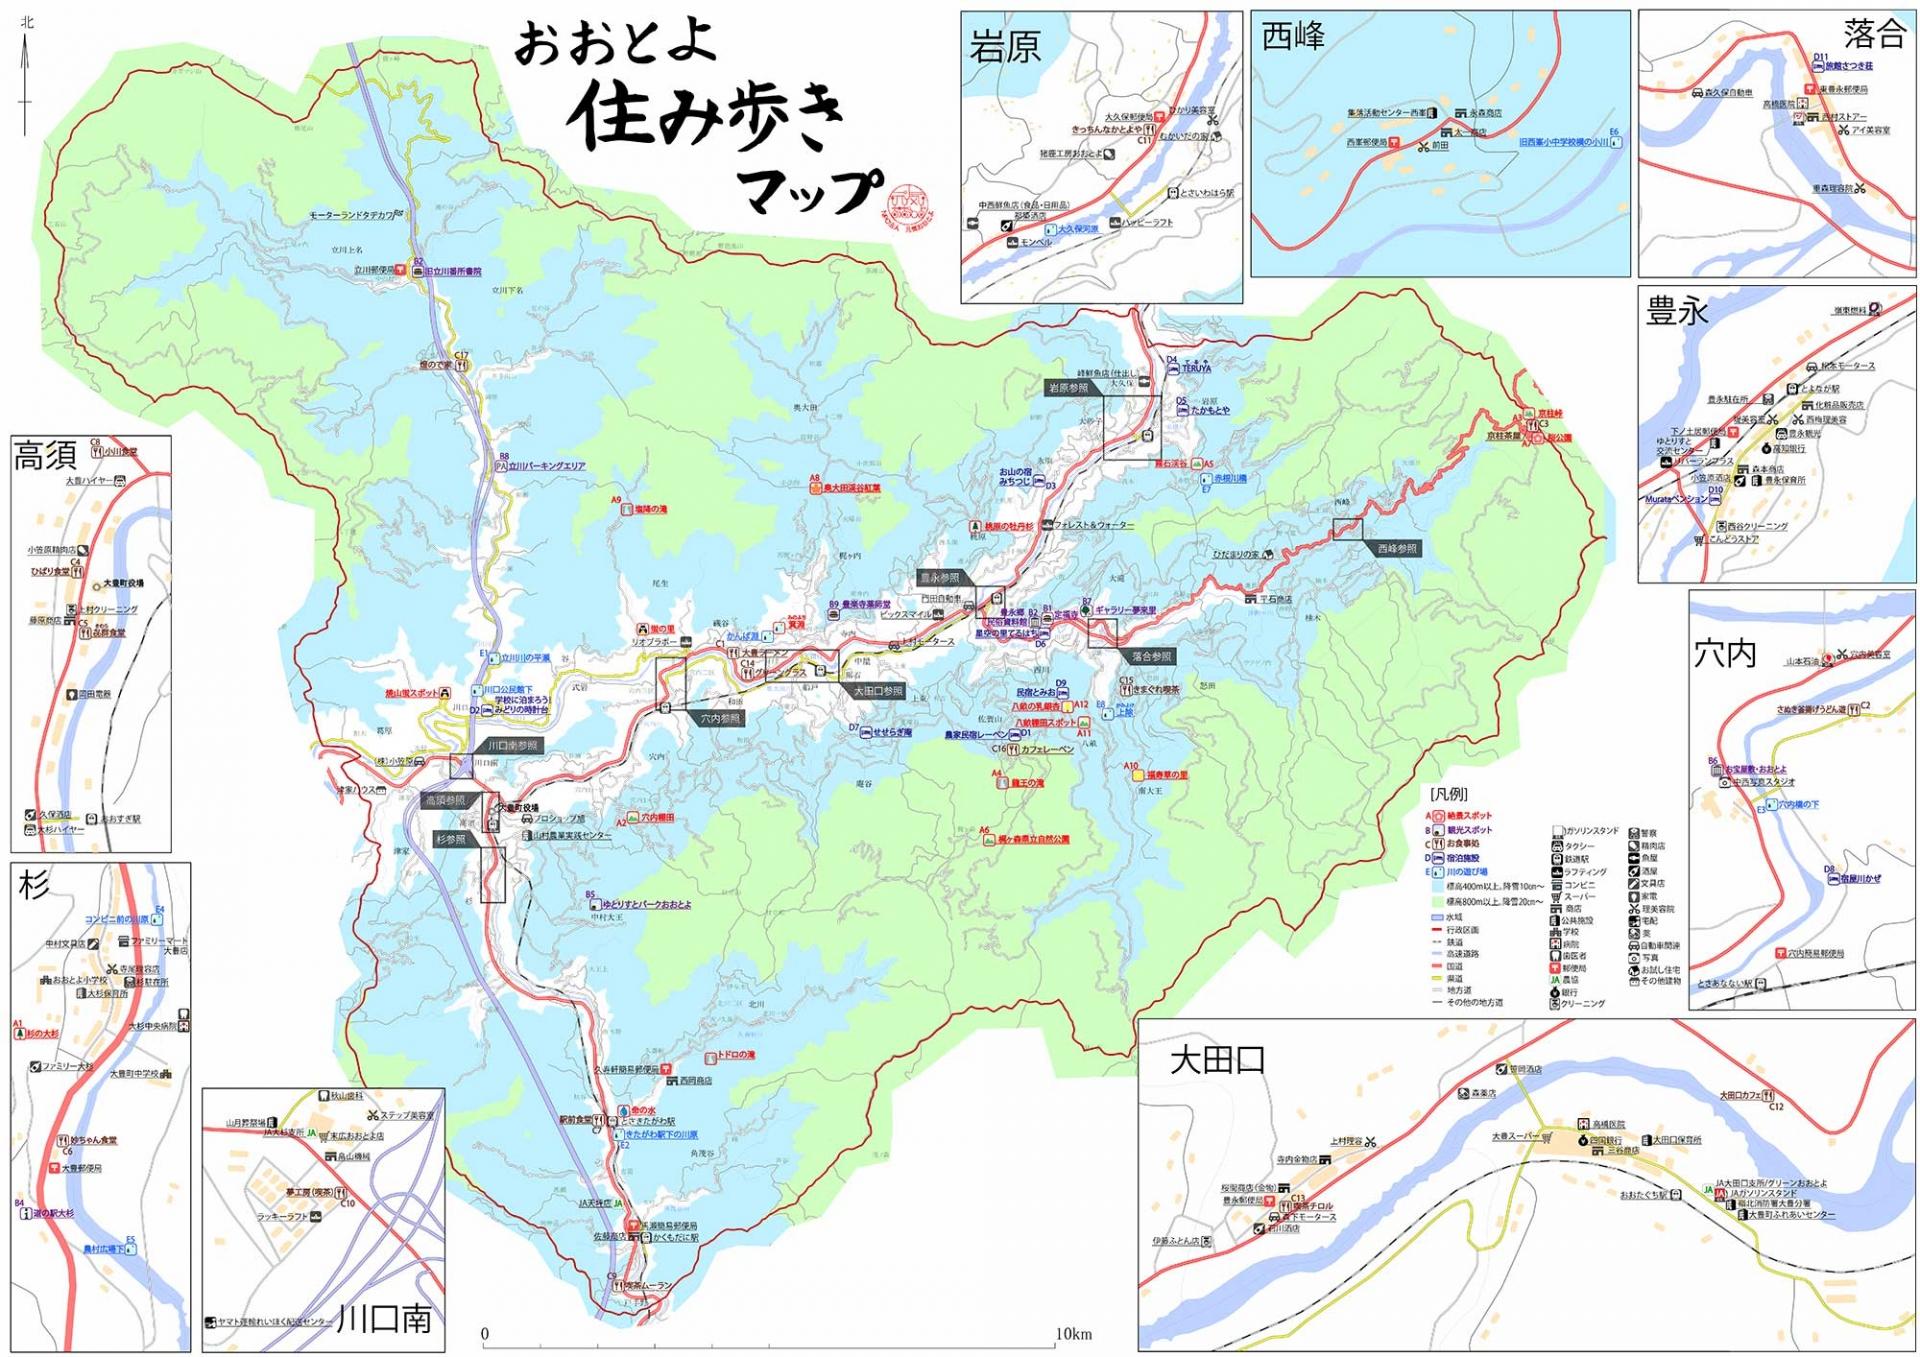 おおとよ住み歩きマップ(全体図)